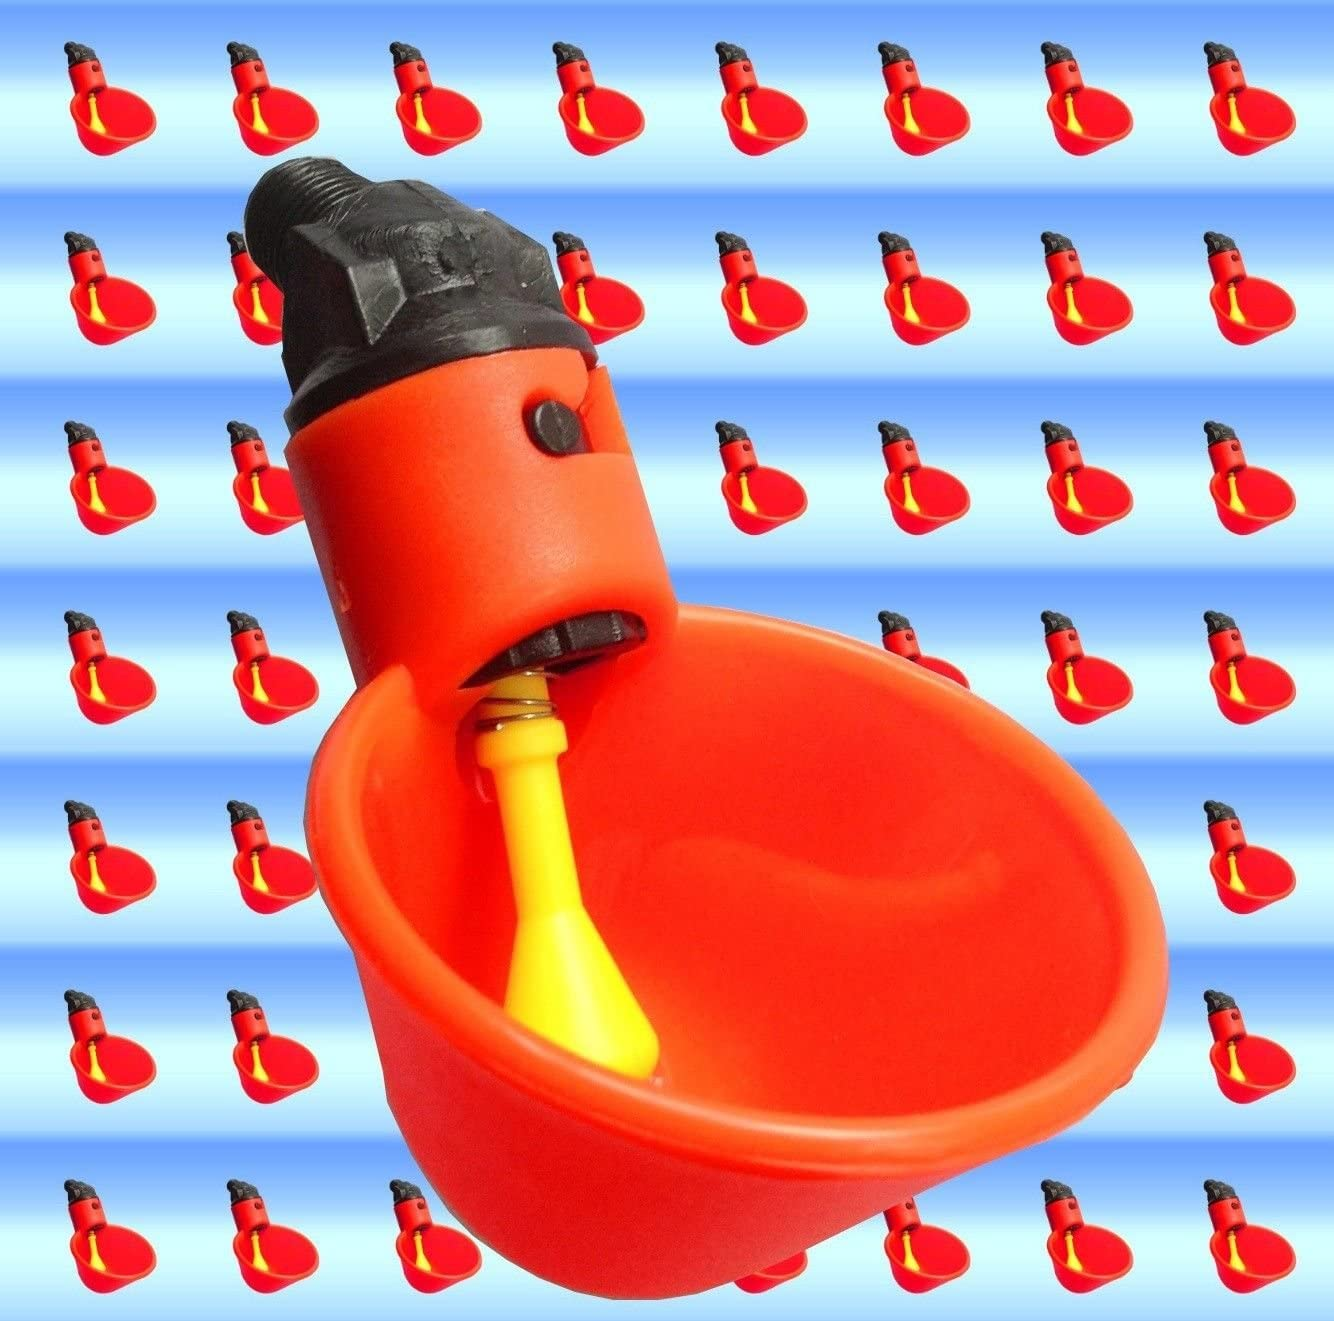 6 AUTOMATIC WATERER DRINKER CUPS CHICKEN COOP POULTRY CHOOK BIRD TURKEY DRINK